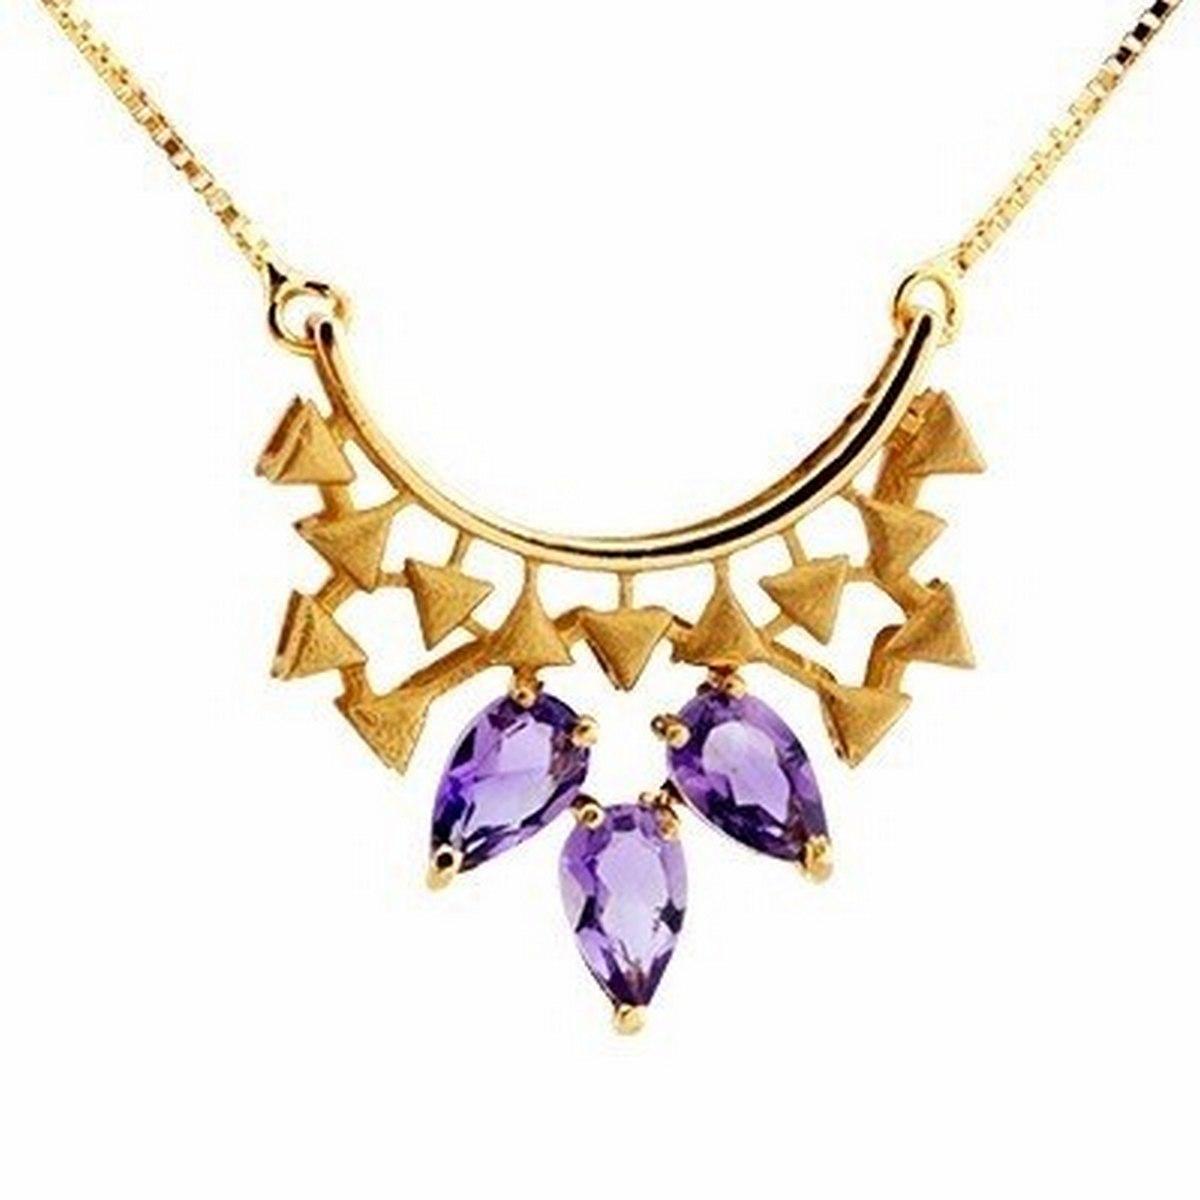 5d987f8f727 Todas as correntes fabricadas pela feldens jóias são em ouro 18k 750  seguindo normas rigorosas de qualidade